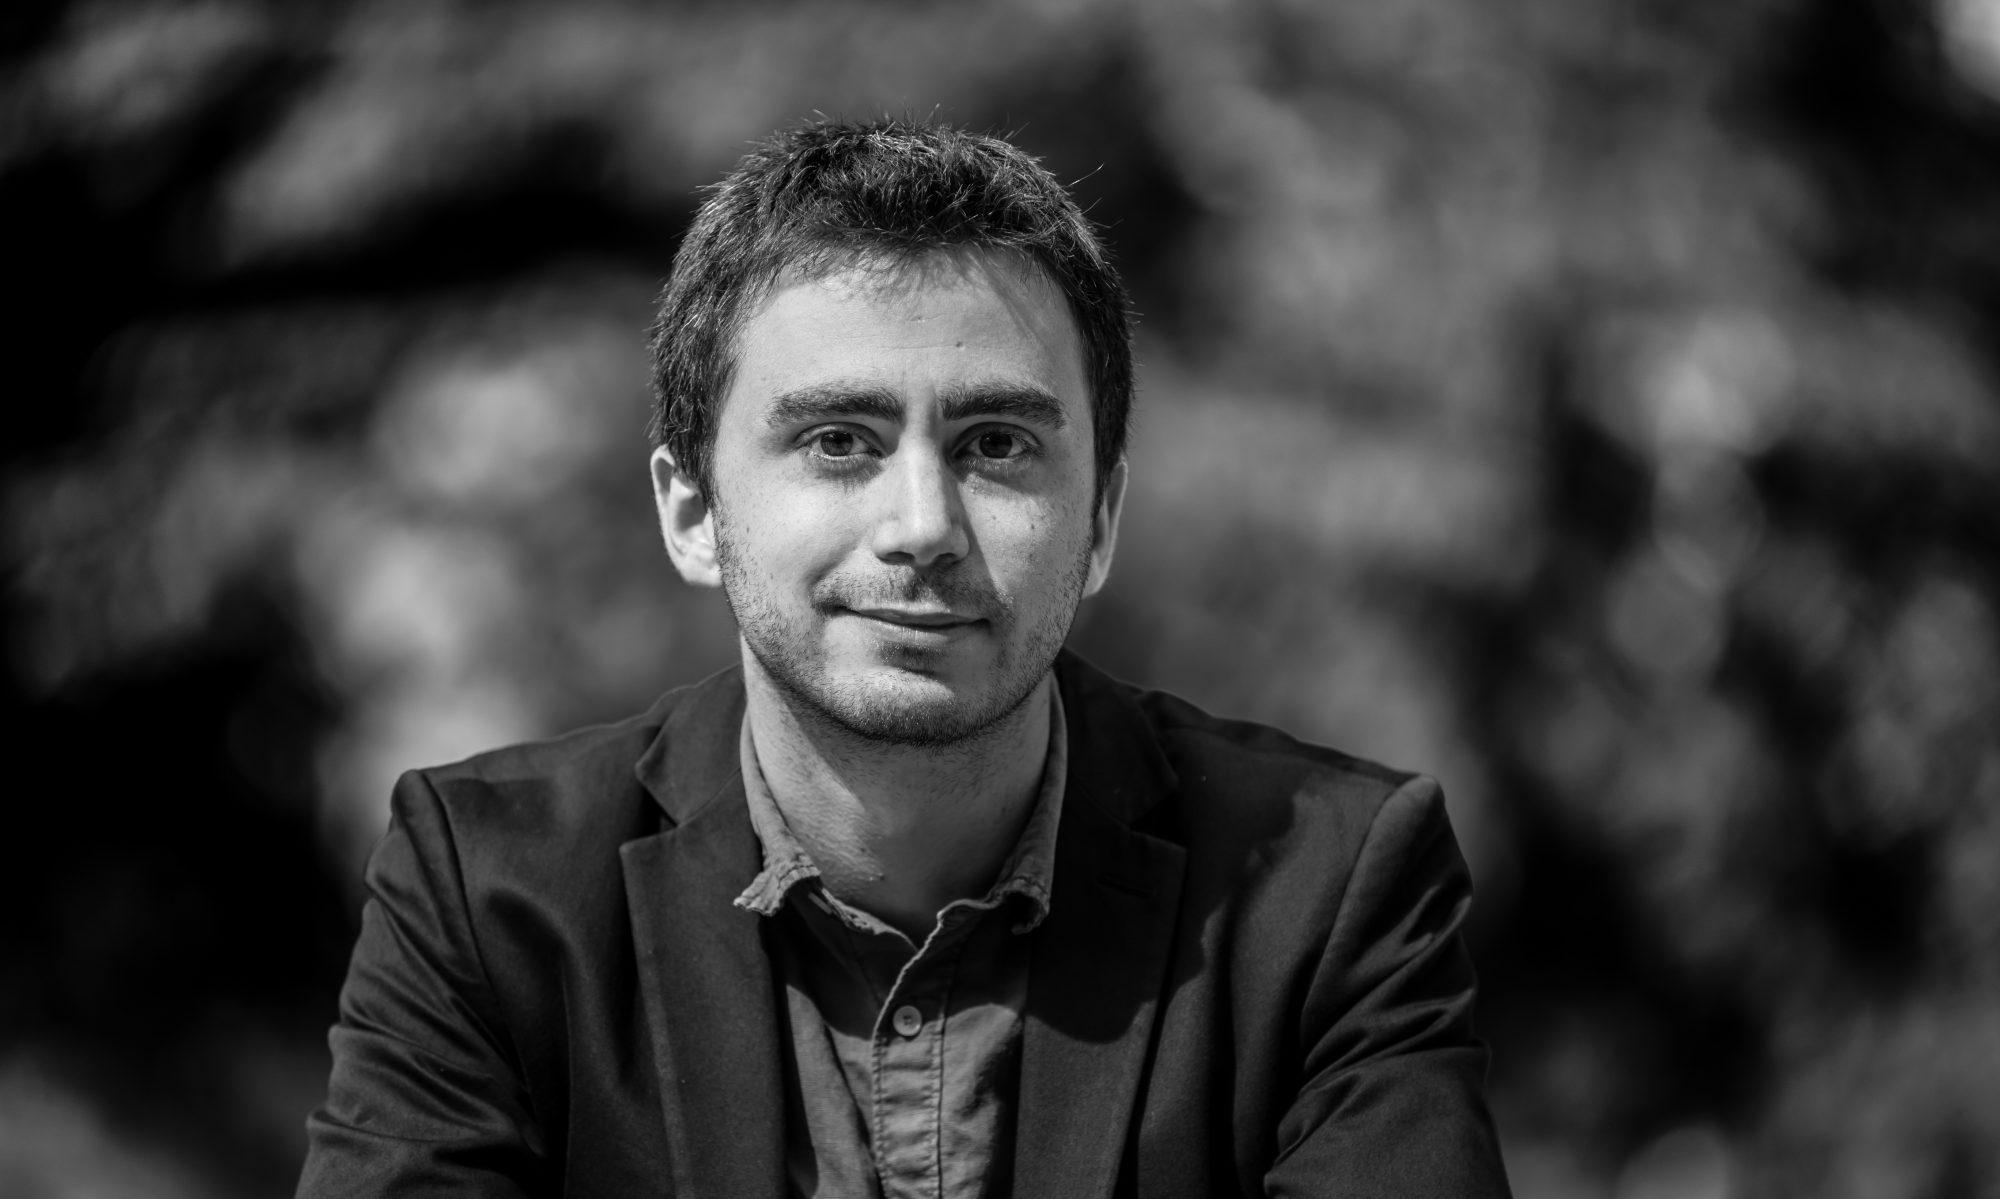 Martin Salemi